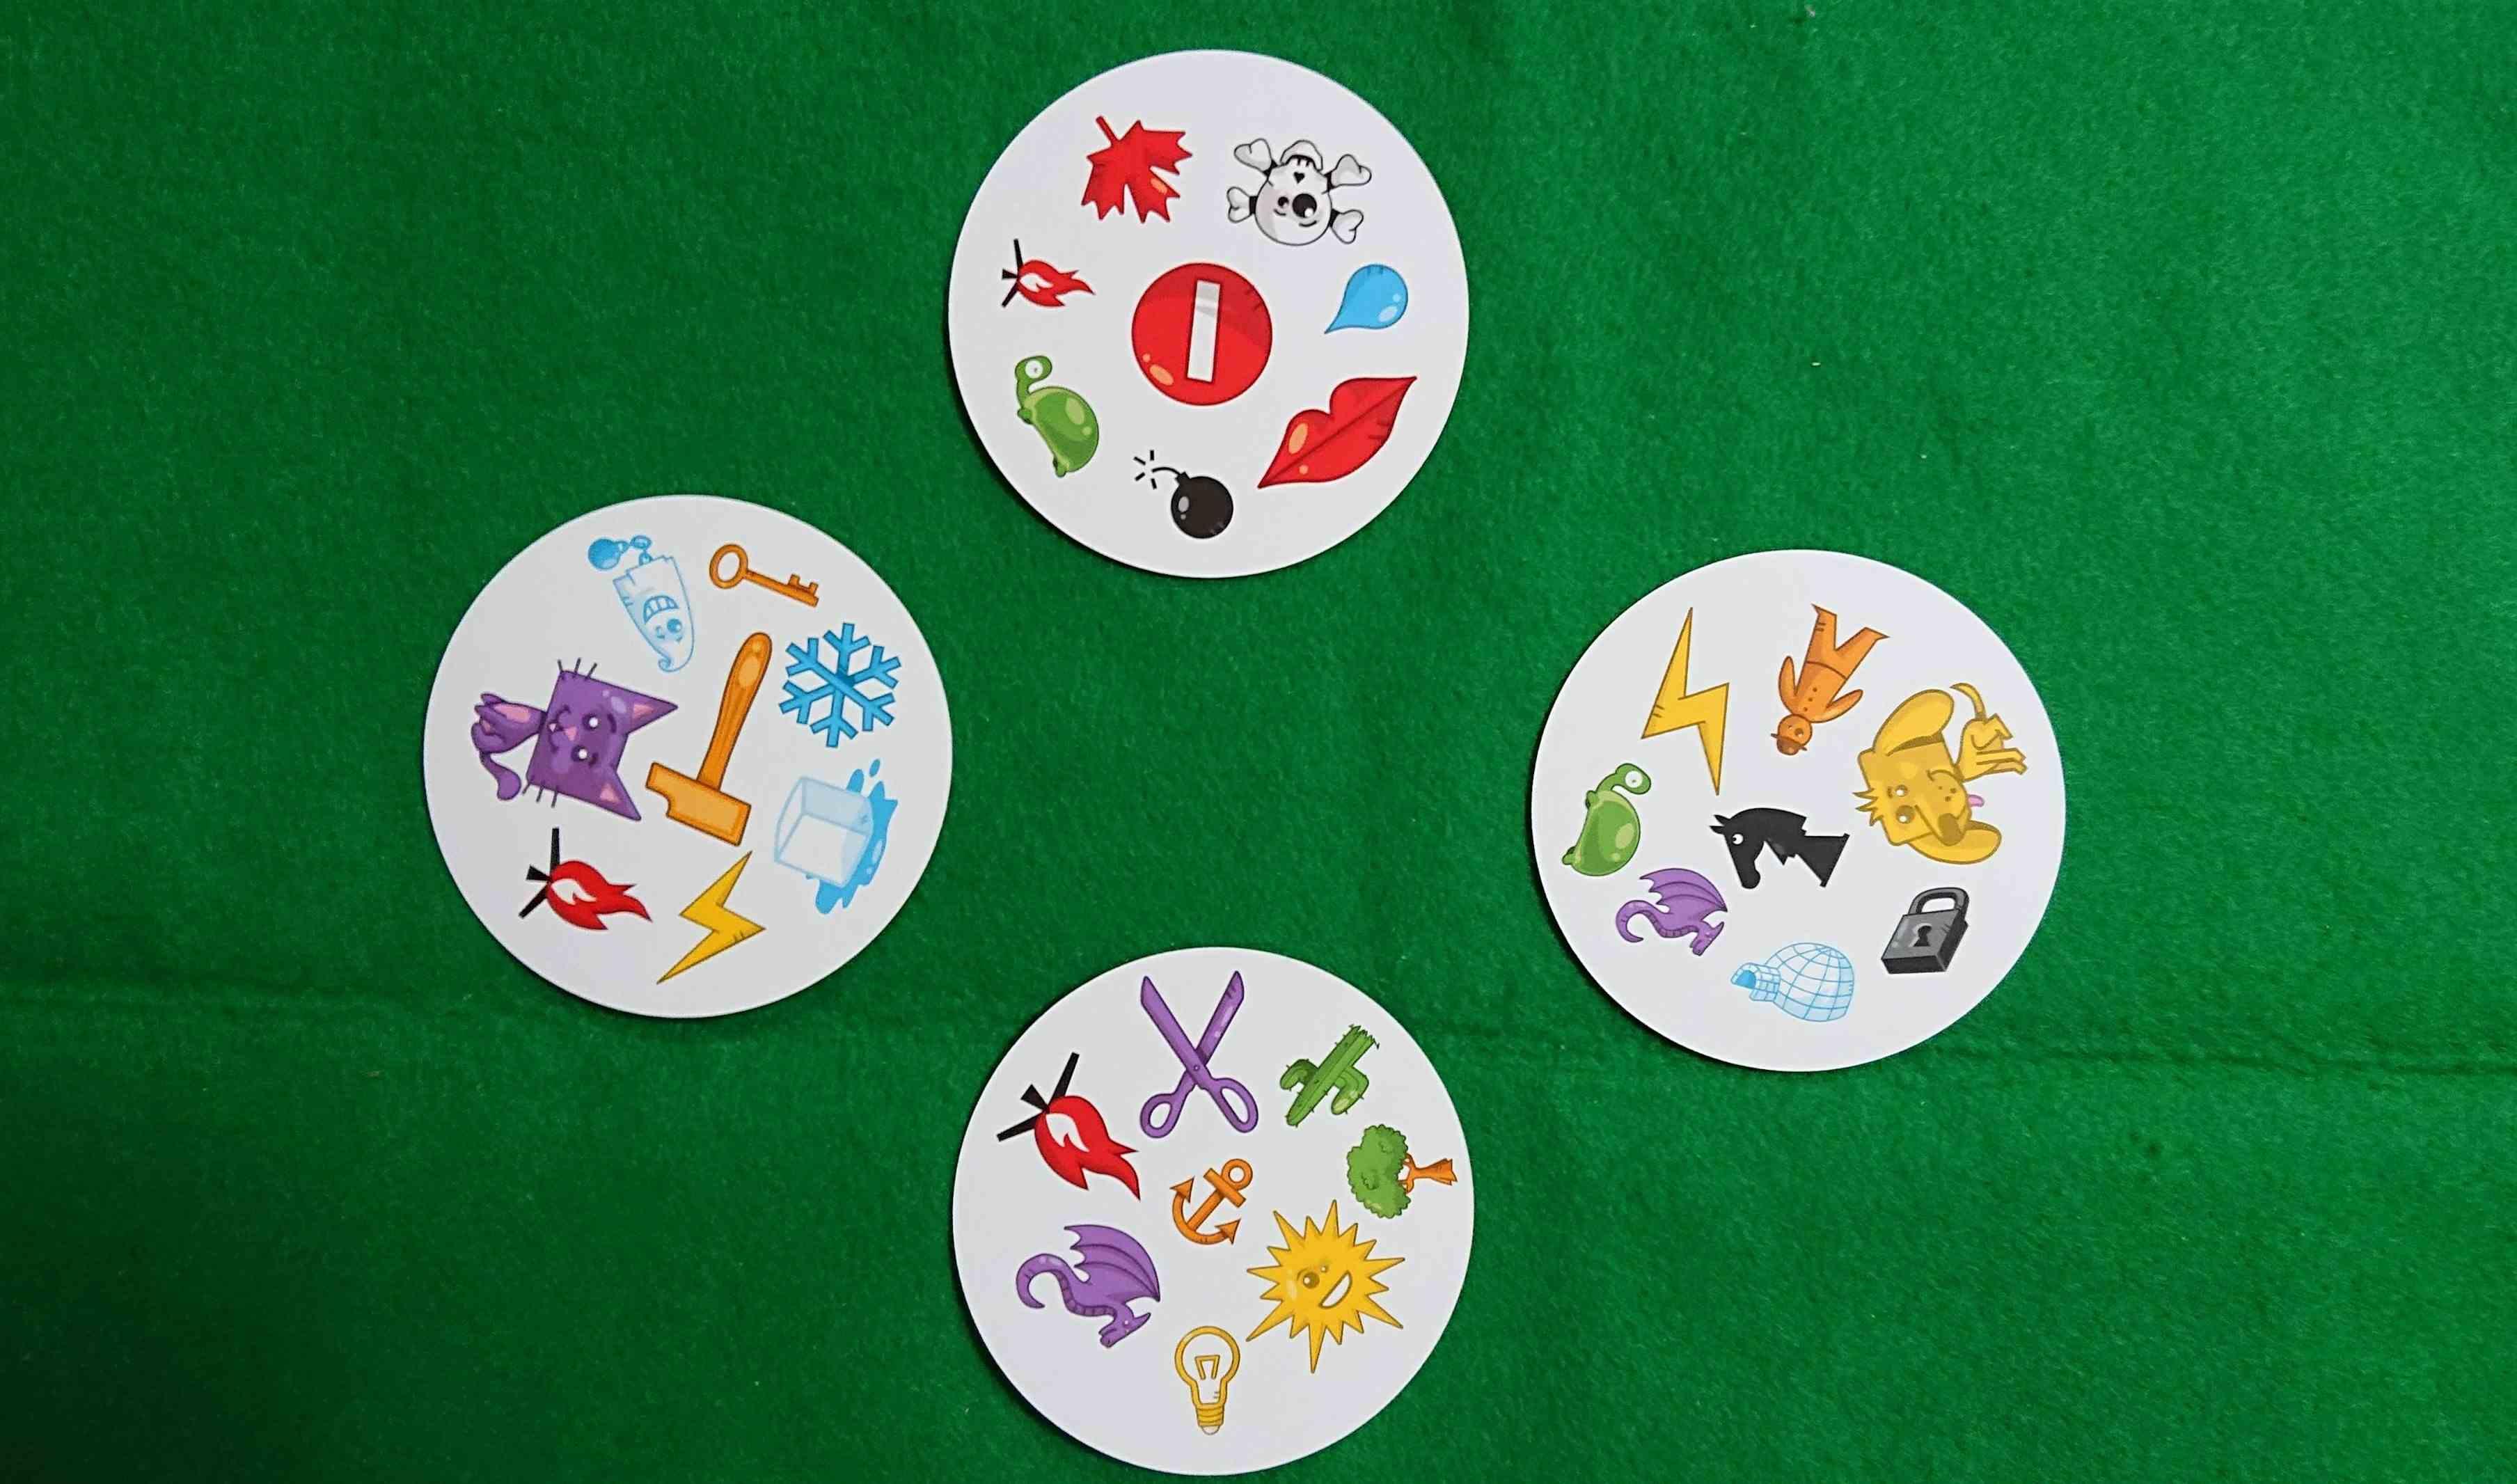 ドブル(DOBBLE) 反射神経型カードゲーム 同じ絵を探せ! 初心者・子供も楽しい! ルール説明 ボードゲーム